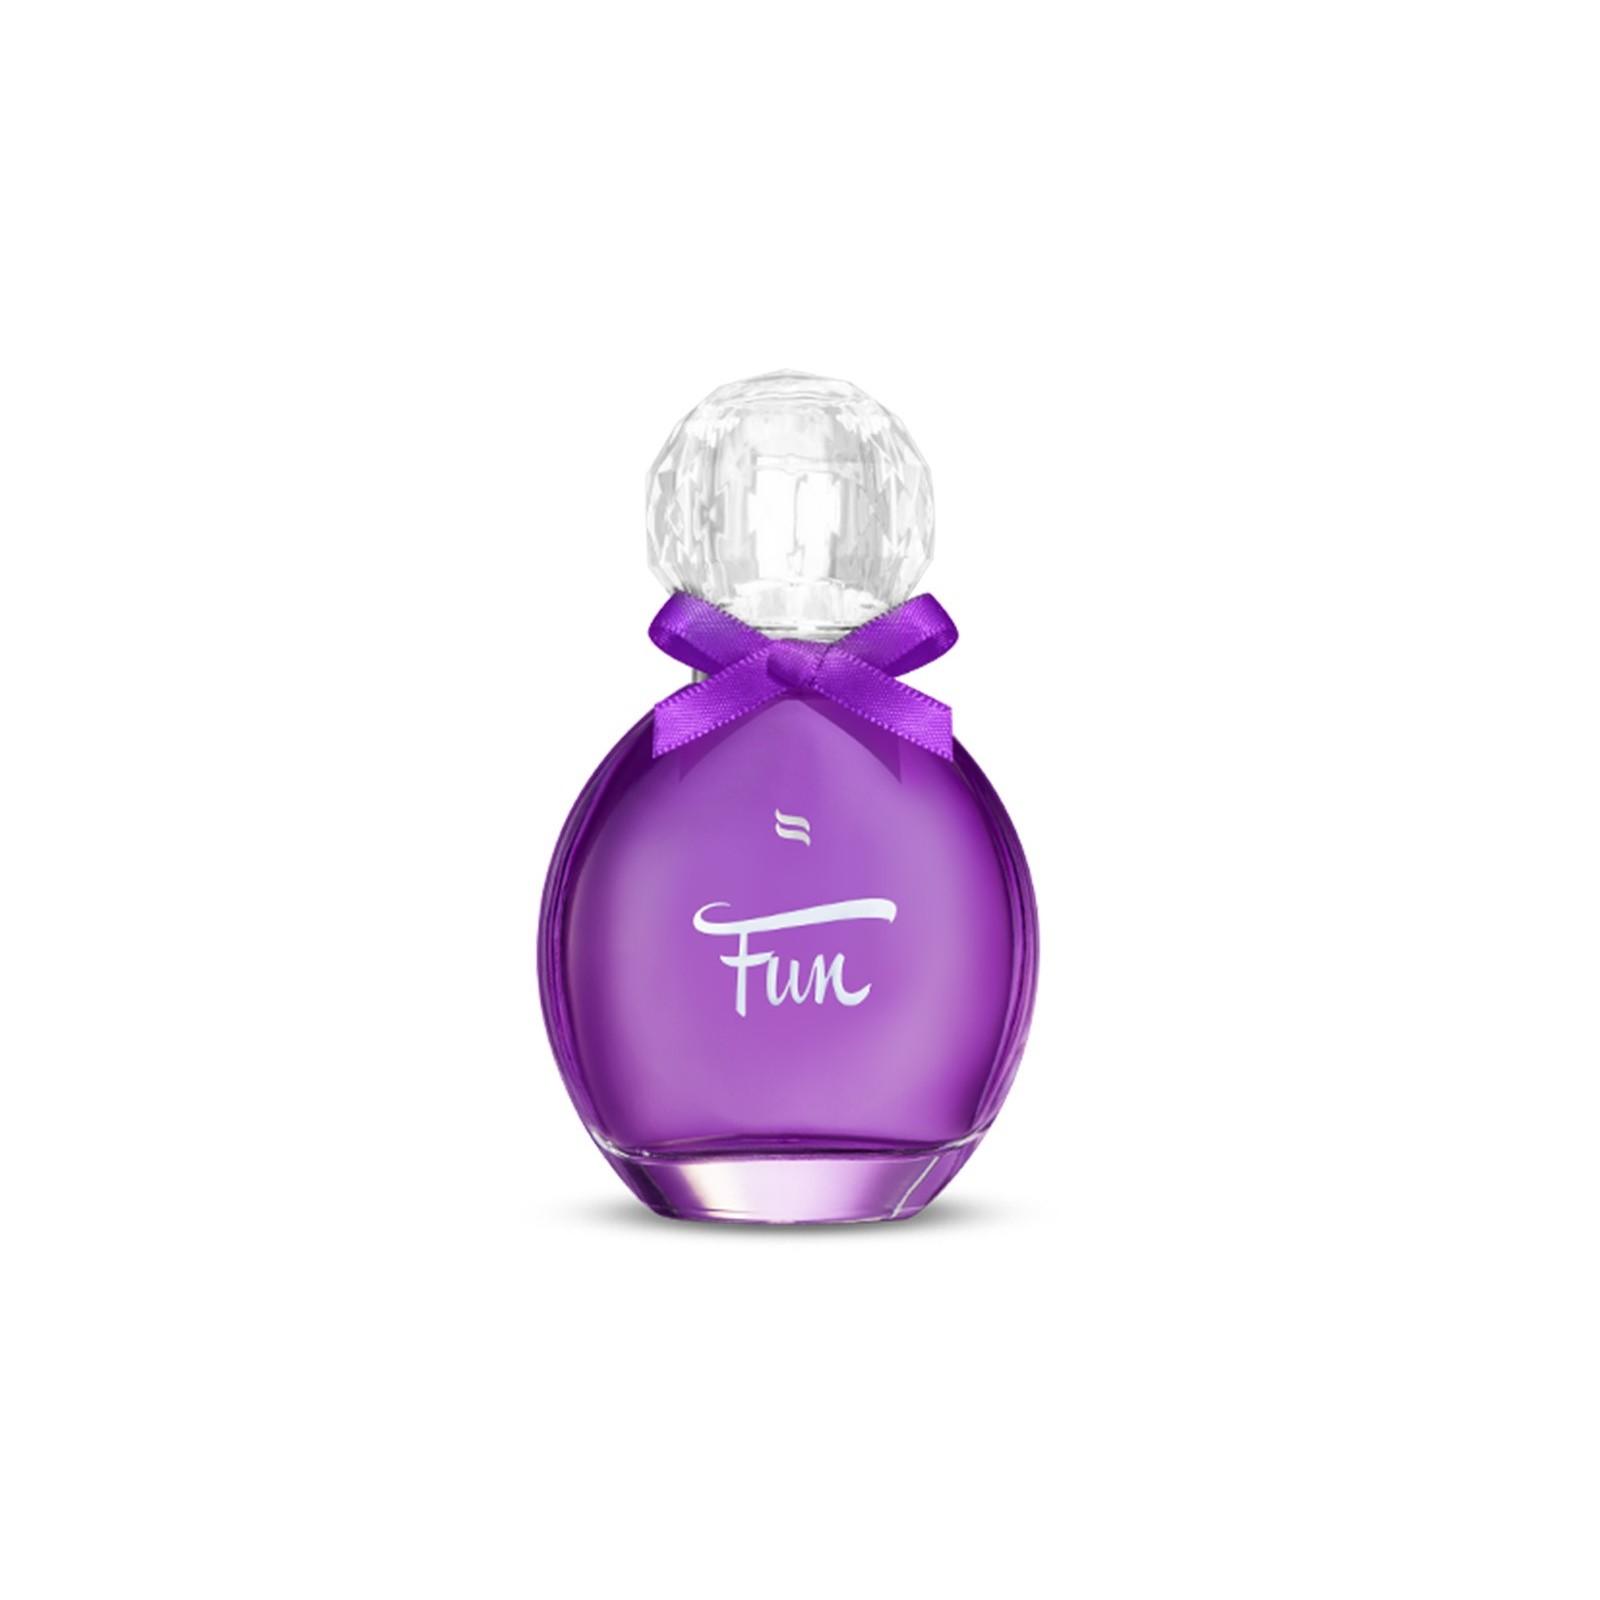 Pheromon-Parfüm Fun 30 ml - 2 - Vorschaubild